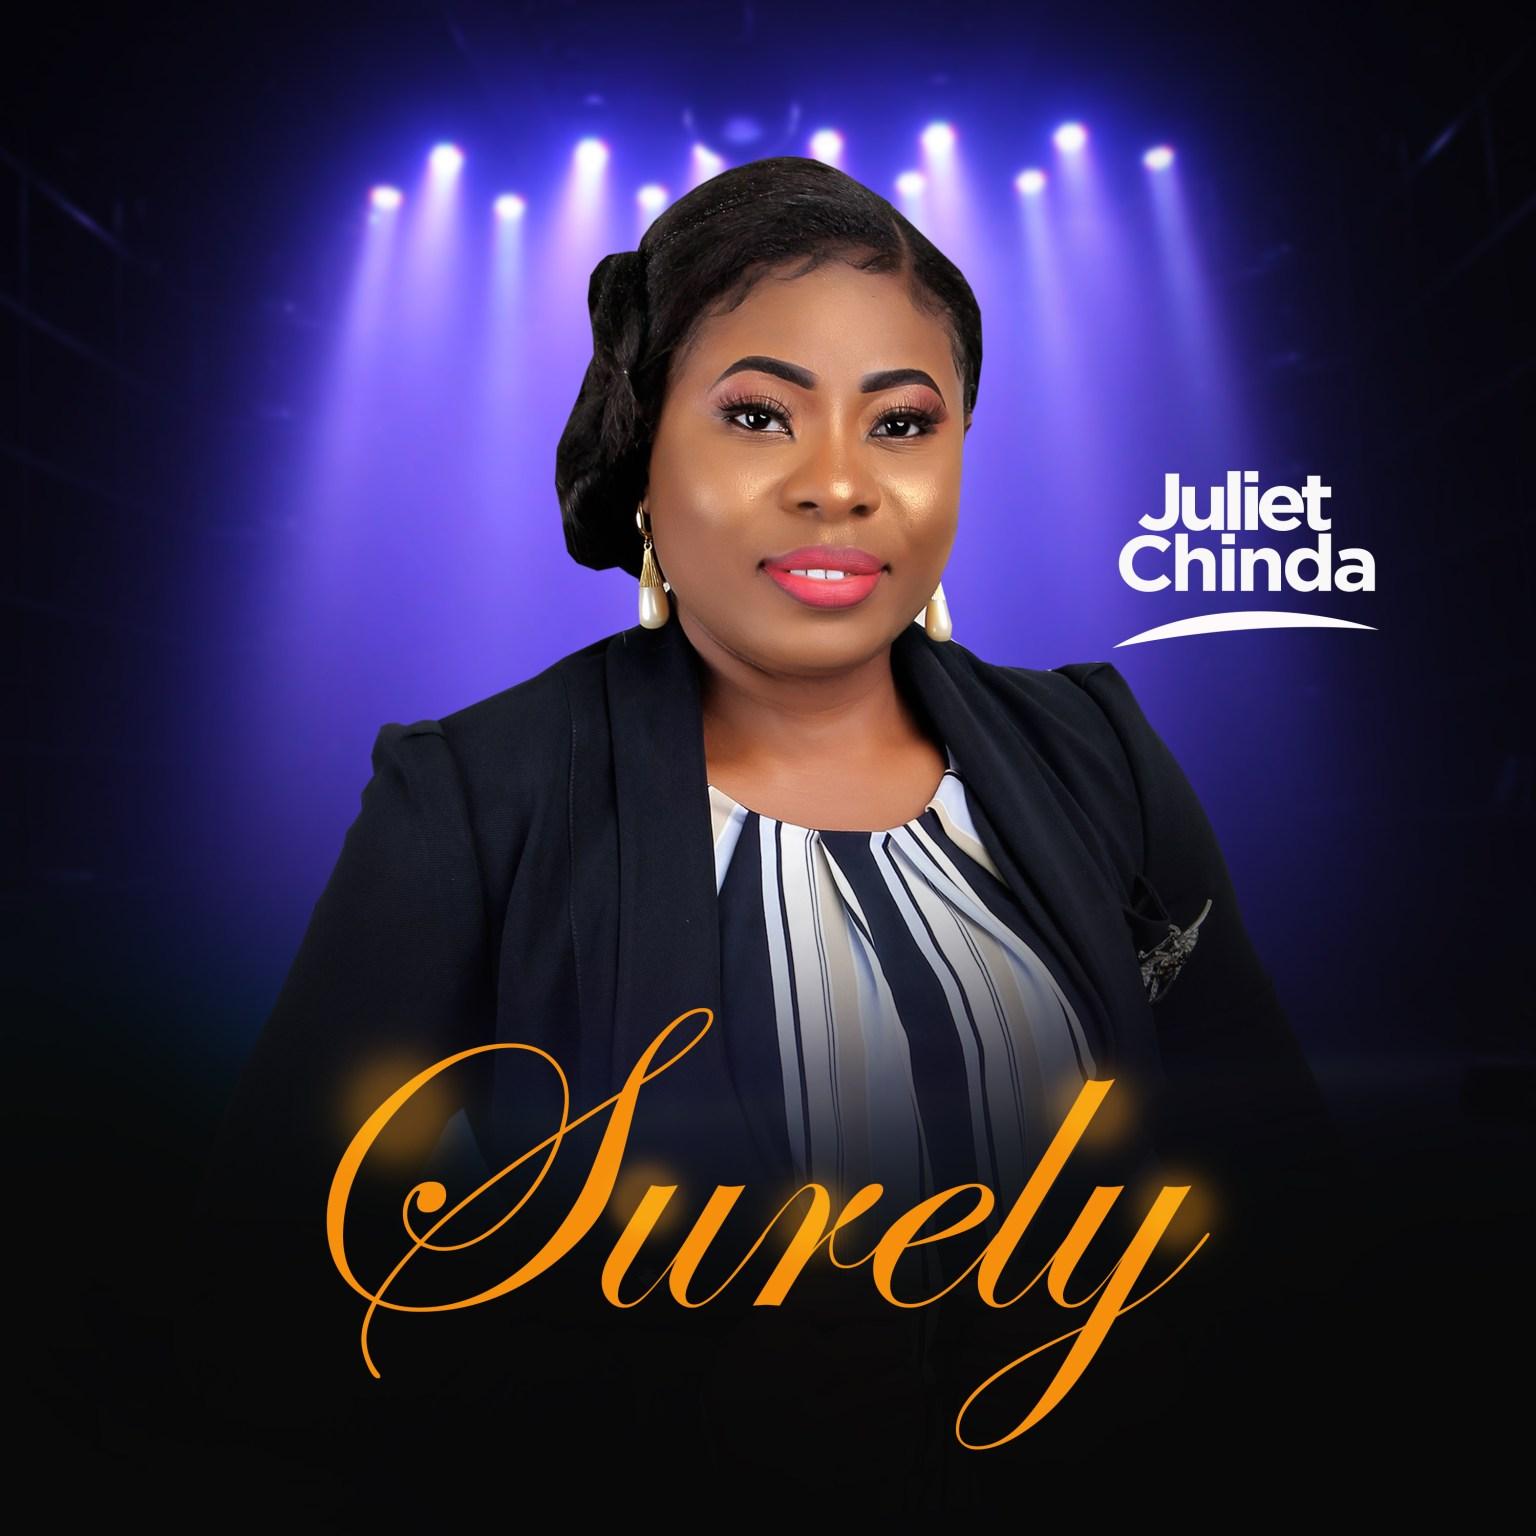 Juliet Chinda – Surely